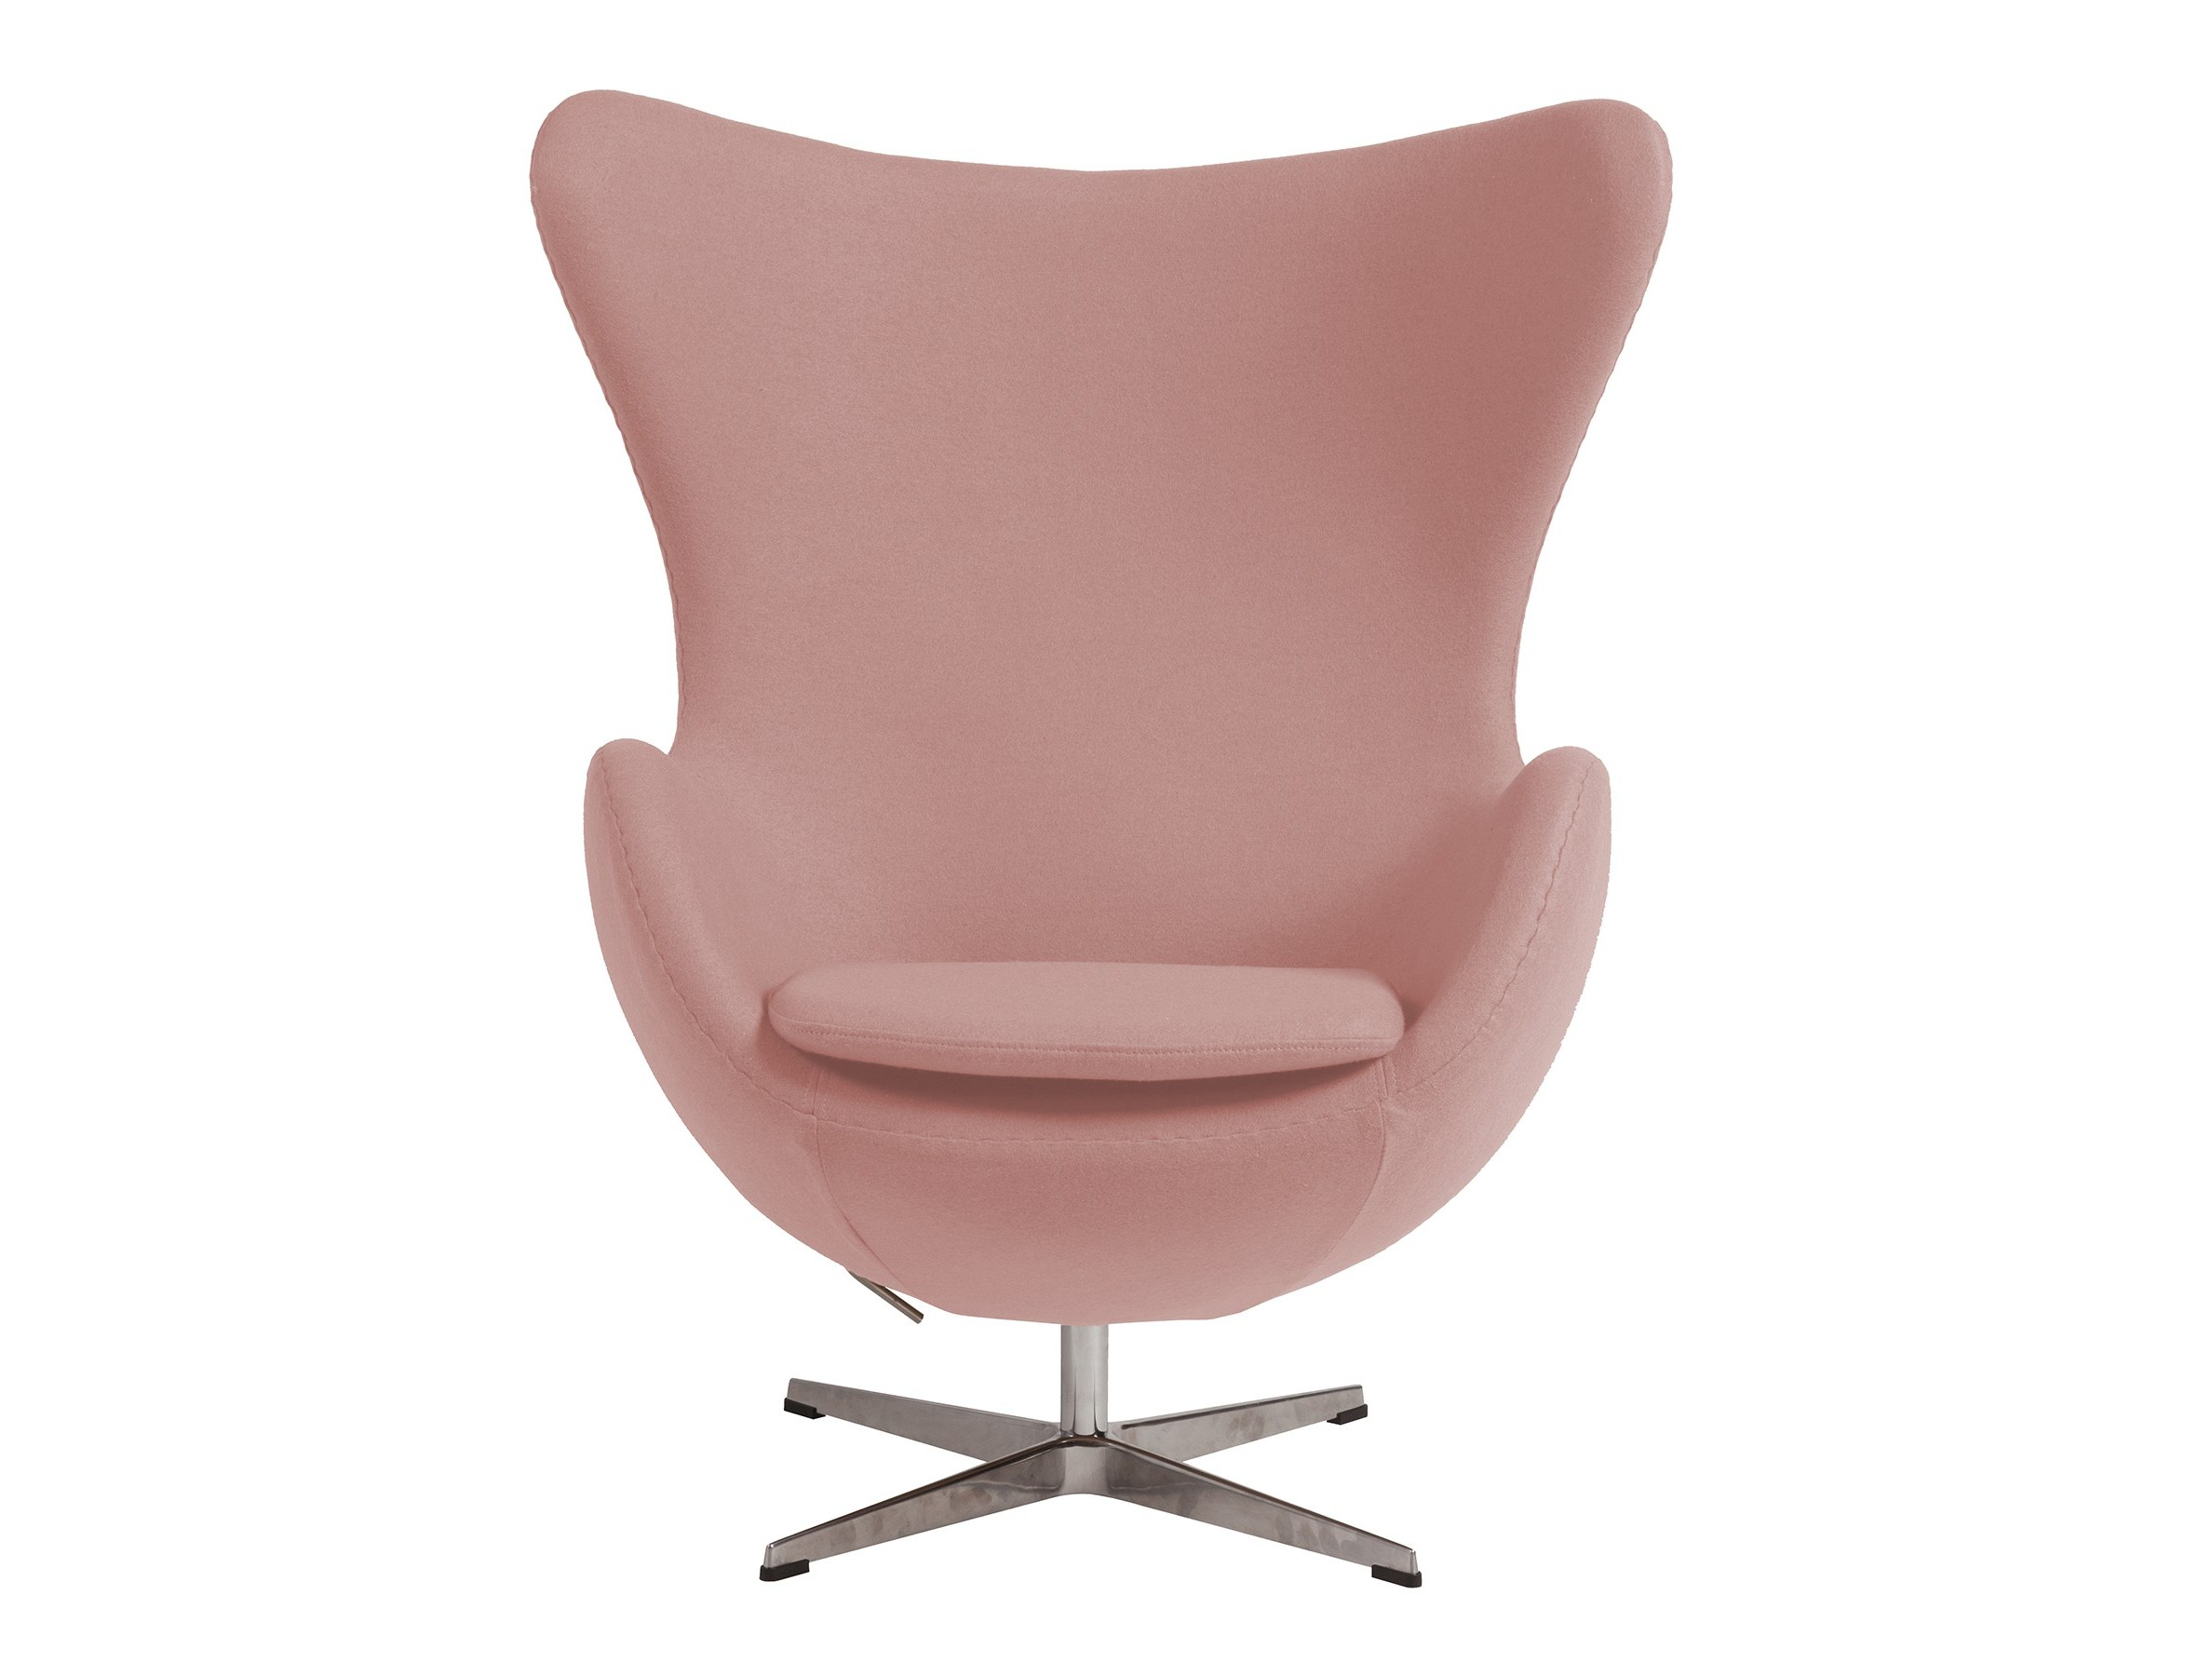 Кресло EggКресла с высокой спинкой<br><br><br>Material: Шерсть<br>Ширина см: 82<br>Высота см: 105<br>Глубина см: 76